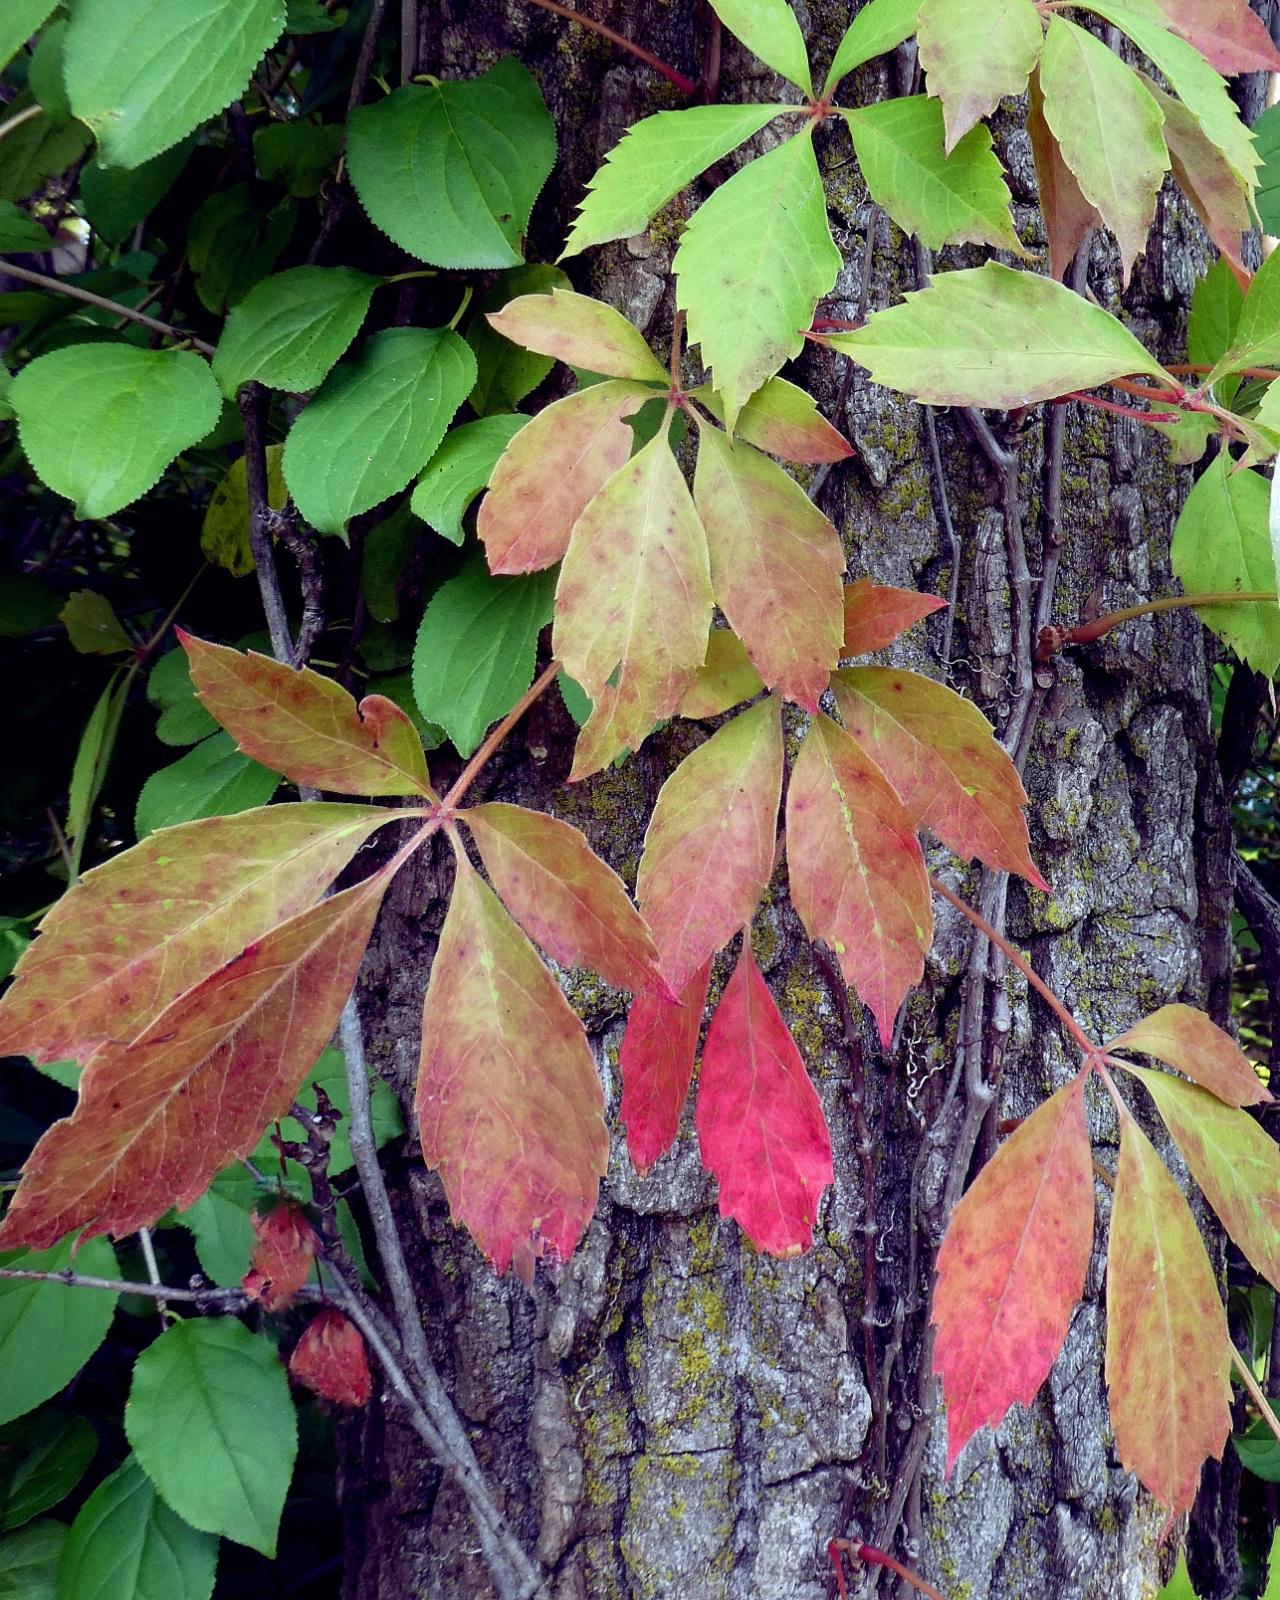 Fall's Beginnings